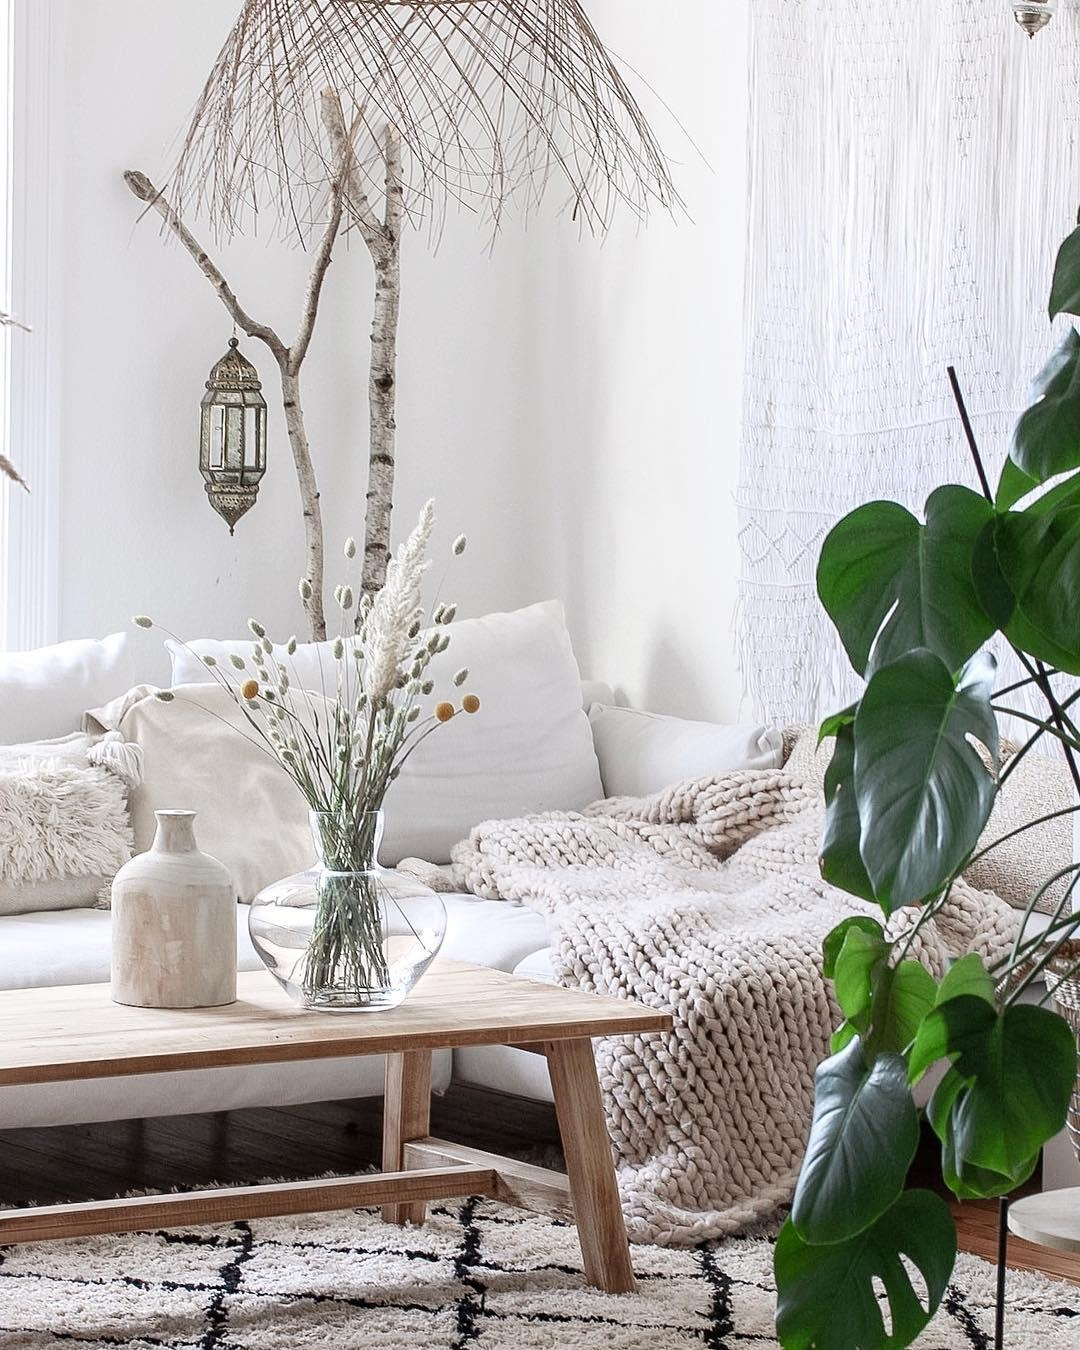 ich liebe es wenn die sonne reinscheint altbau altbauliebe boho wohnzimmer ikea couch couchstyle couchtisch 6df42d07